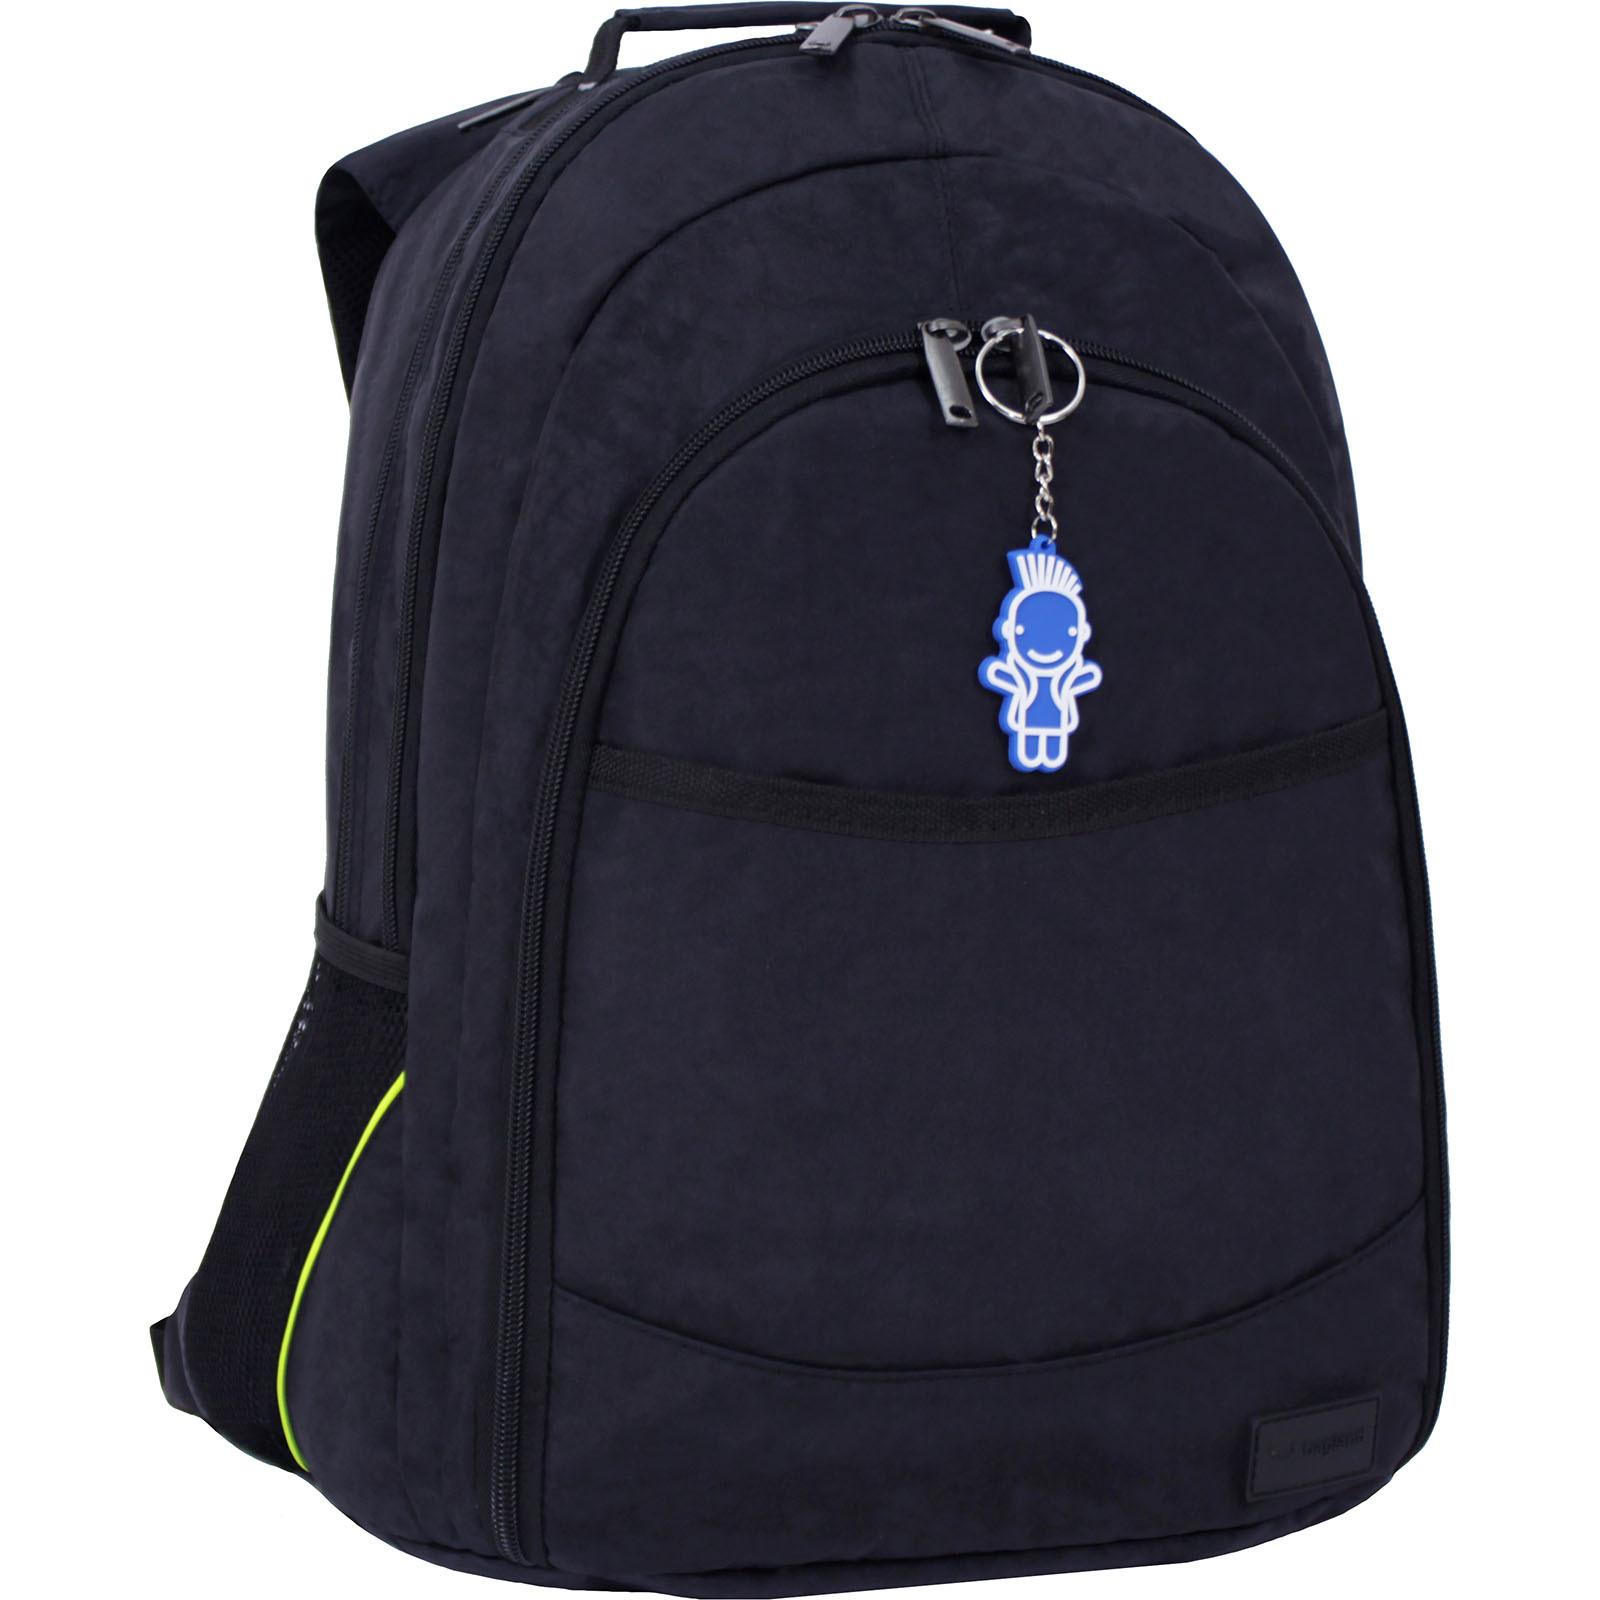 Городские рюкзаки Рюкзак Bagland Сити 32 л. Чёрный (0018070) IMG_2835.JPG